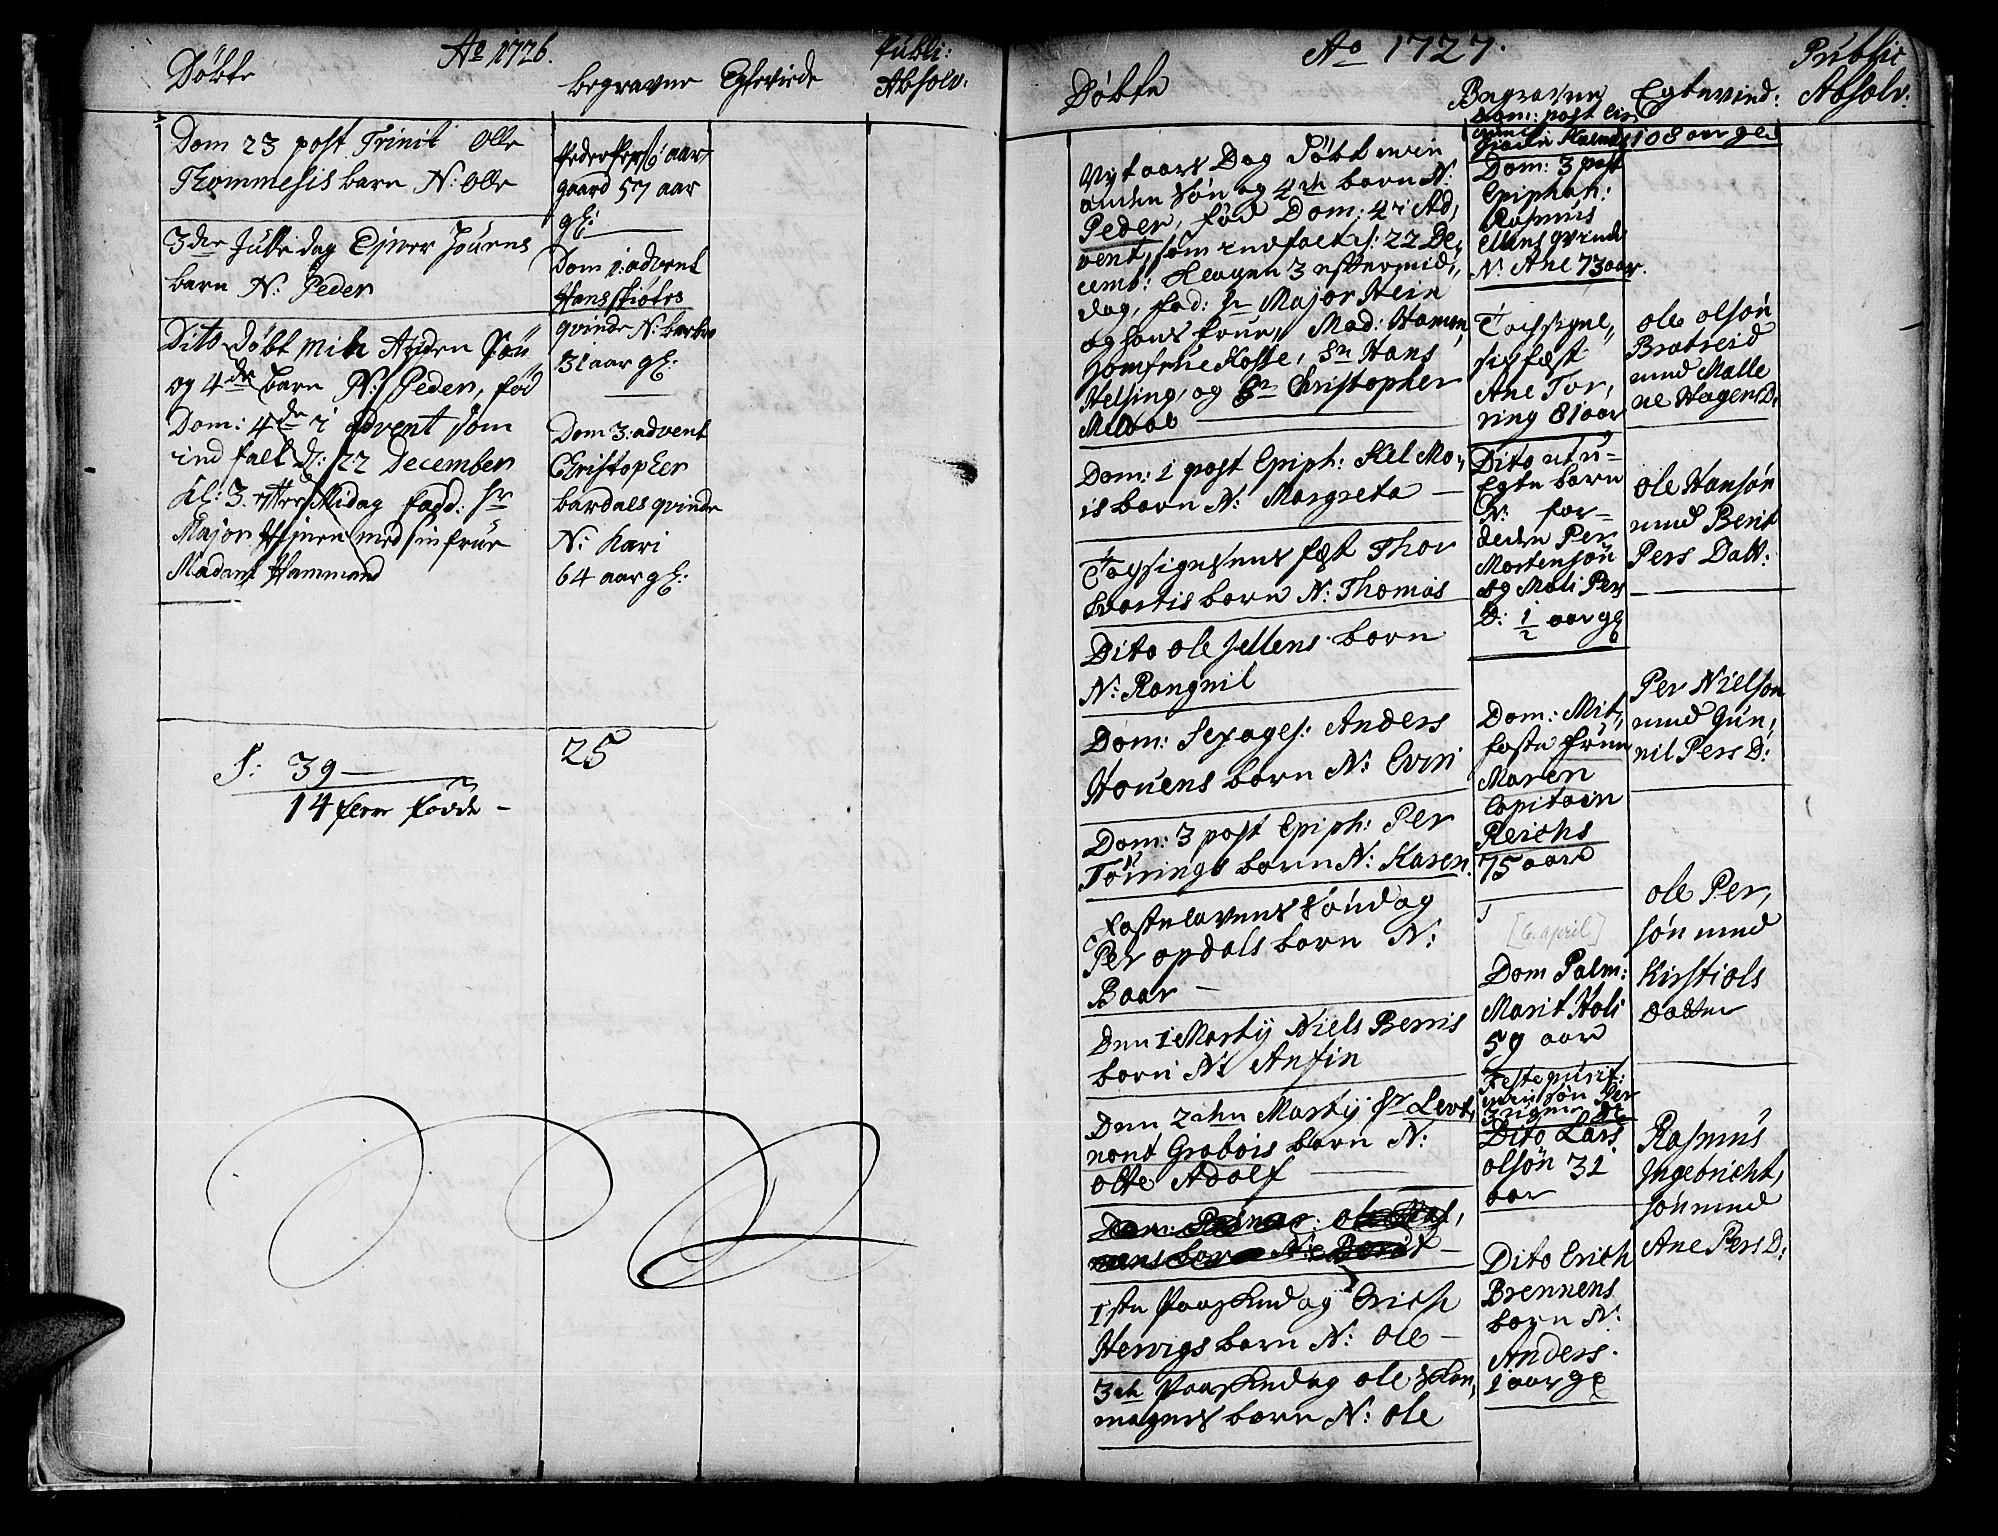 SAT, Ministerialprotokoller, klokkerbøker og fødselsregistre - Nord-Trøndelag, 741/L0385: Ministerialbok nr. 741A01, 1722-1815, s. 13